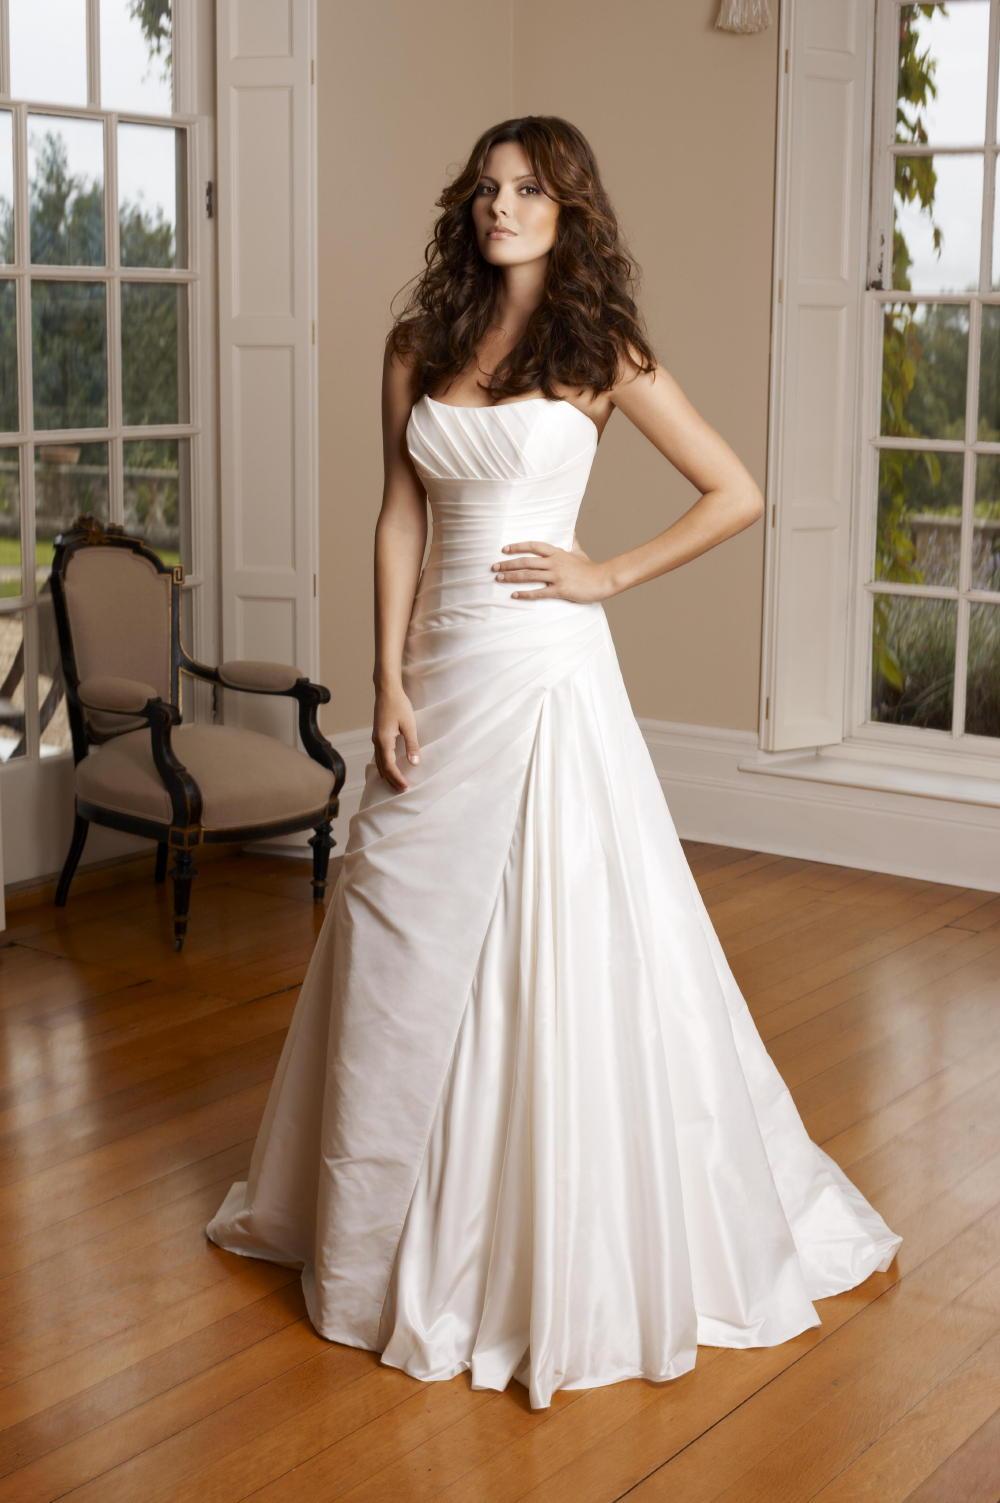 Фото брюнетки в свадебном платье 3